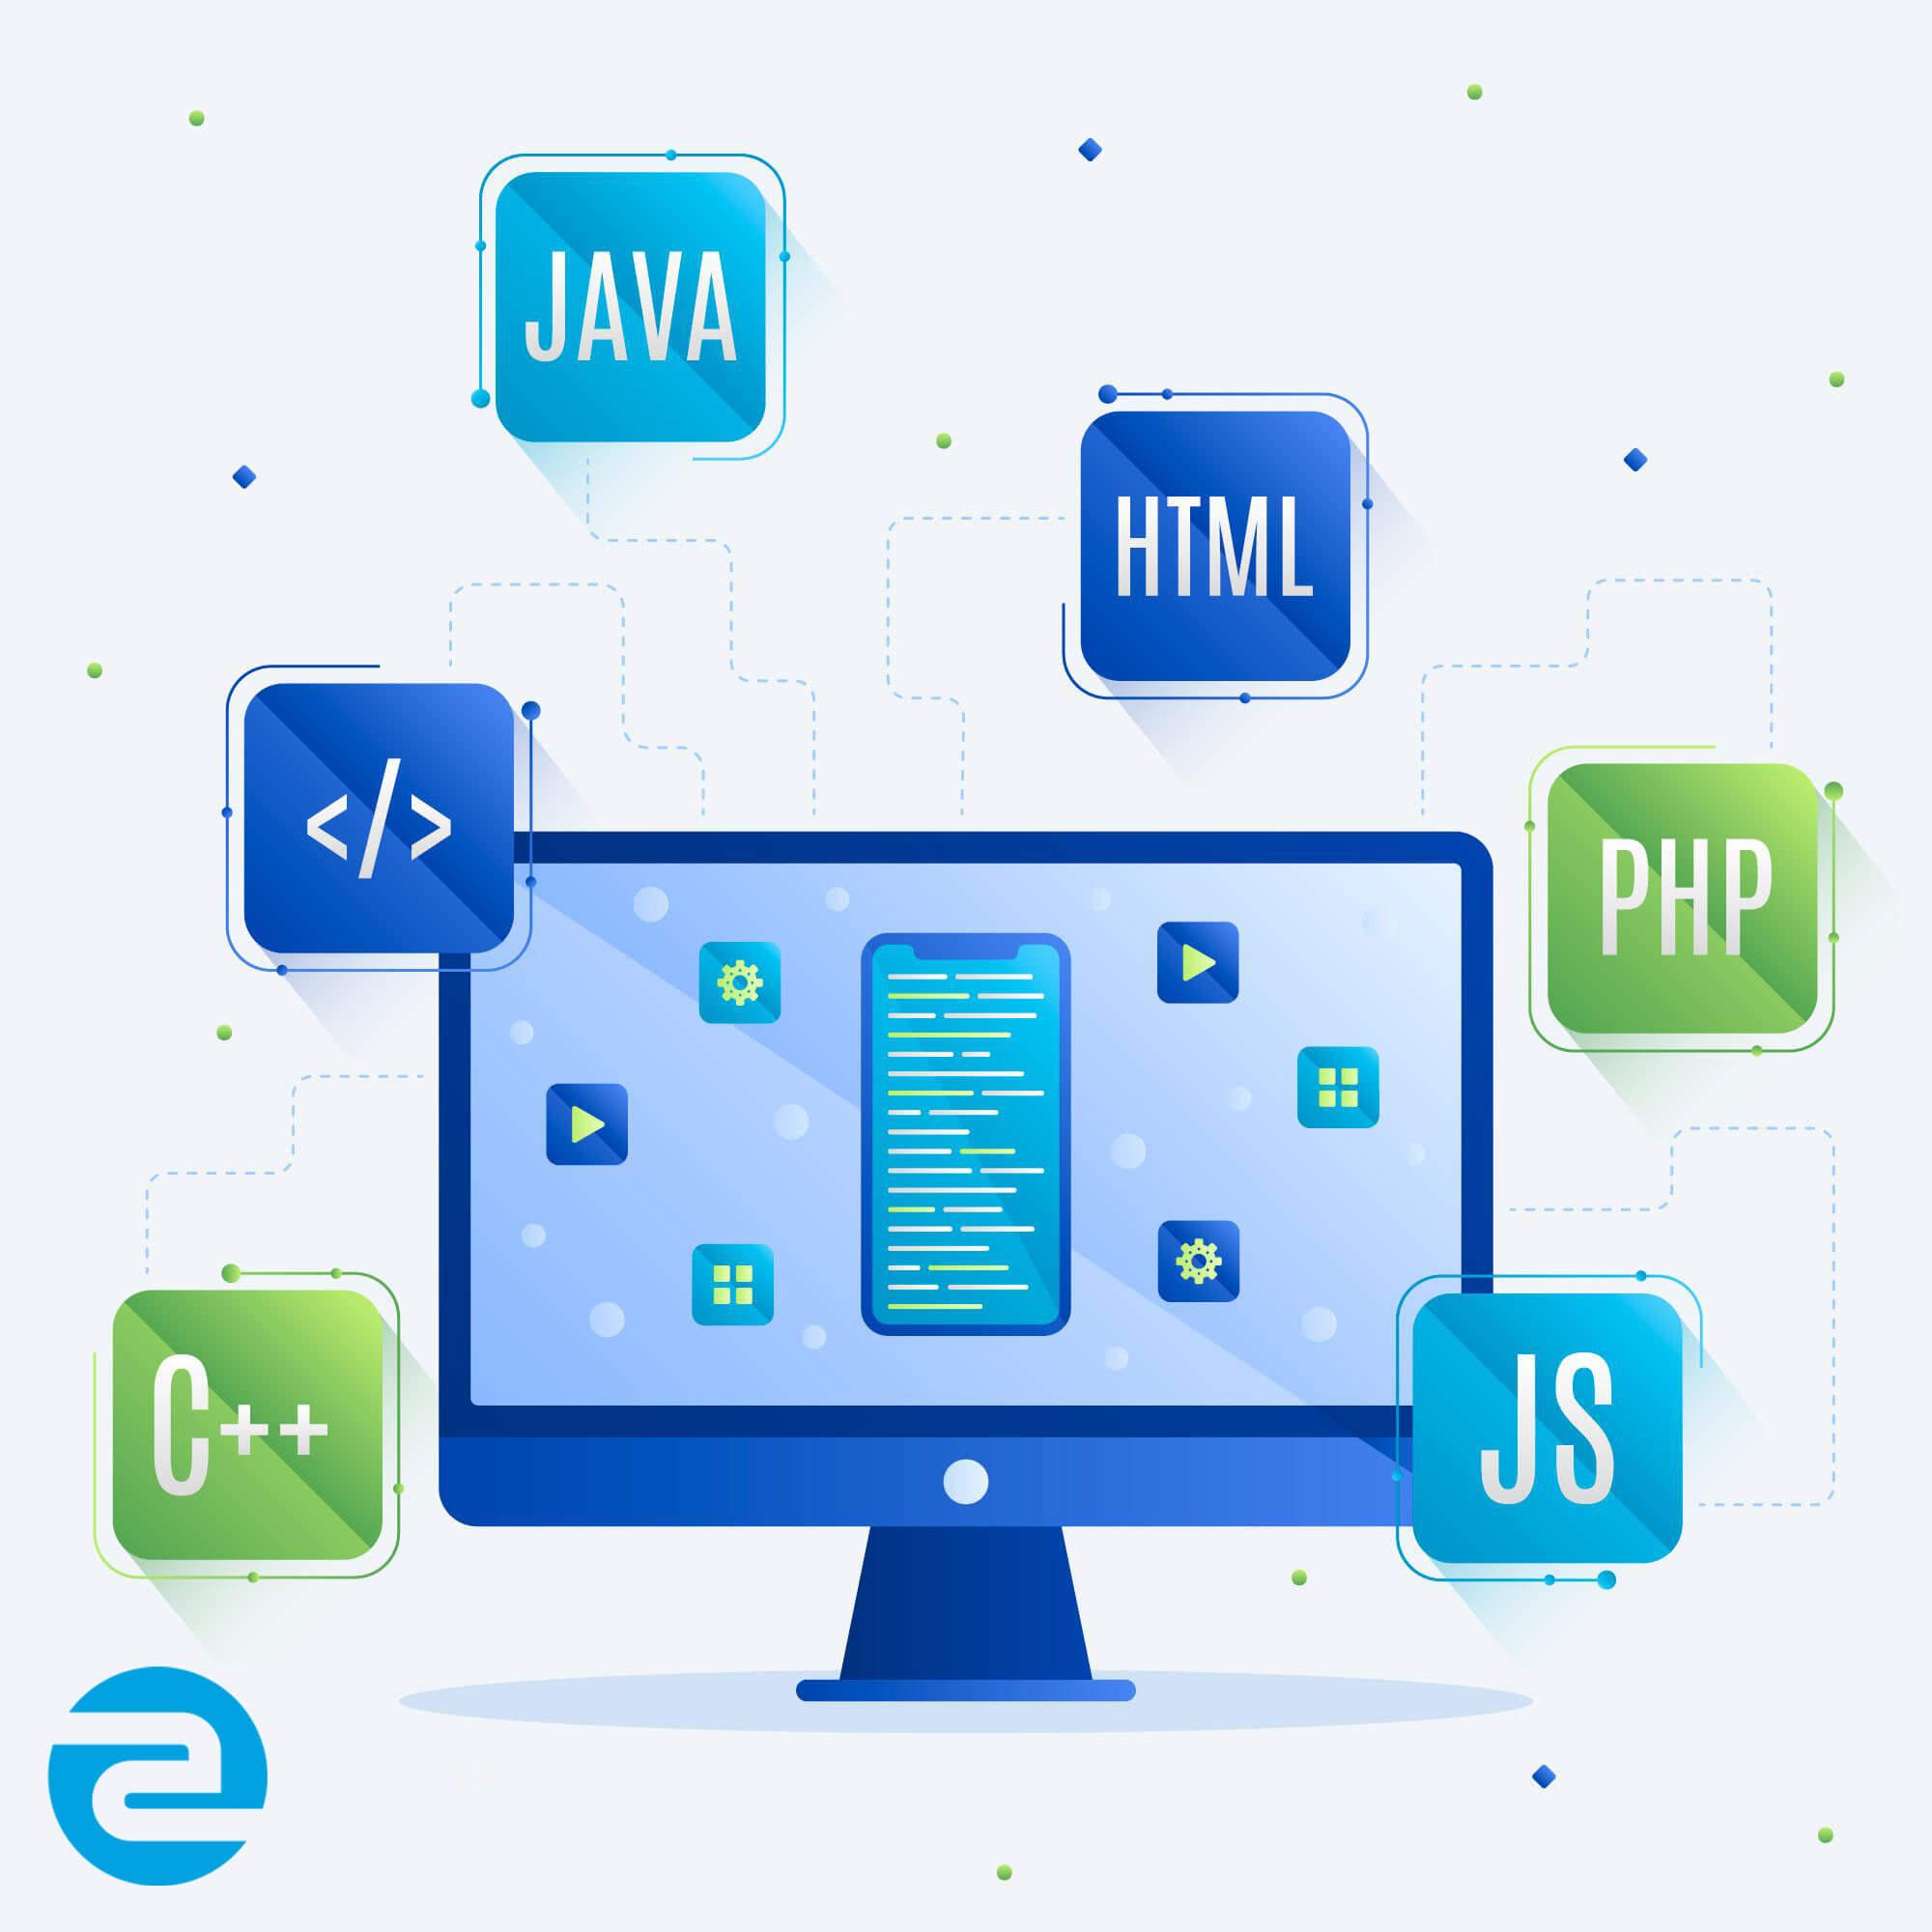 زبان های طراحی اپلیکیشن